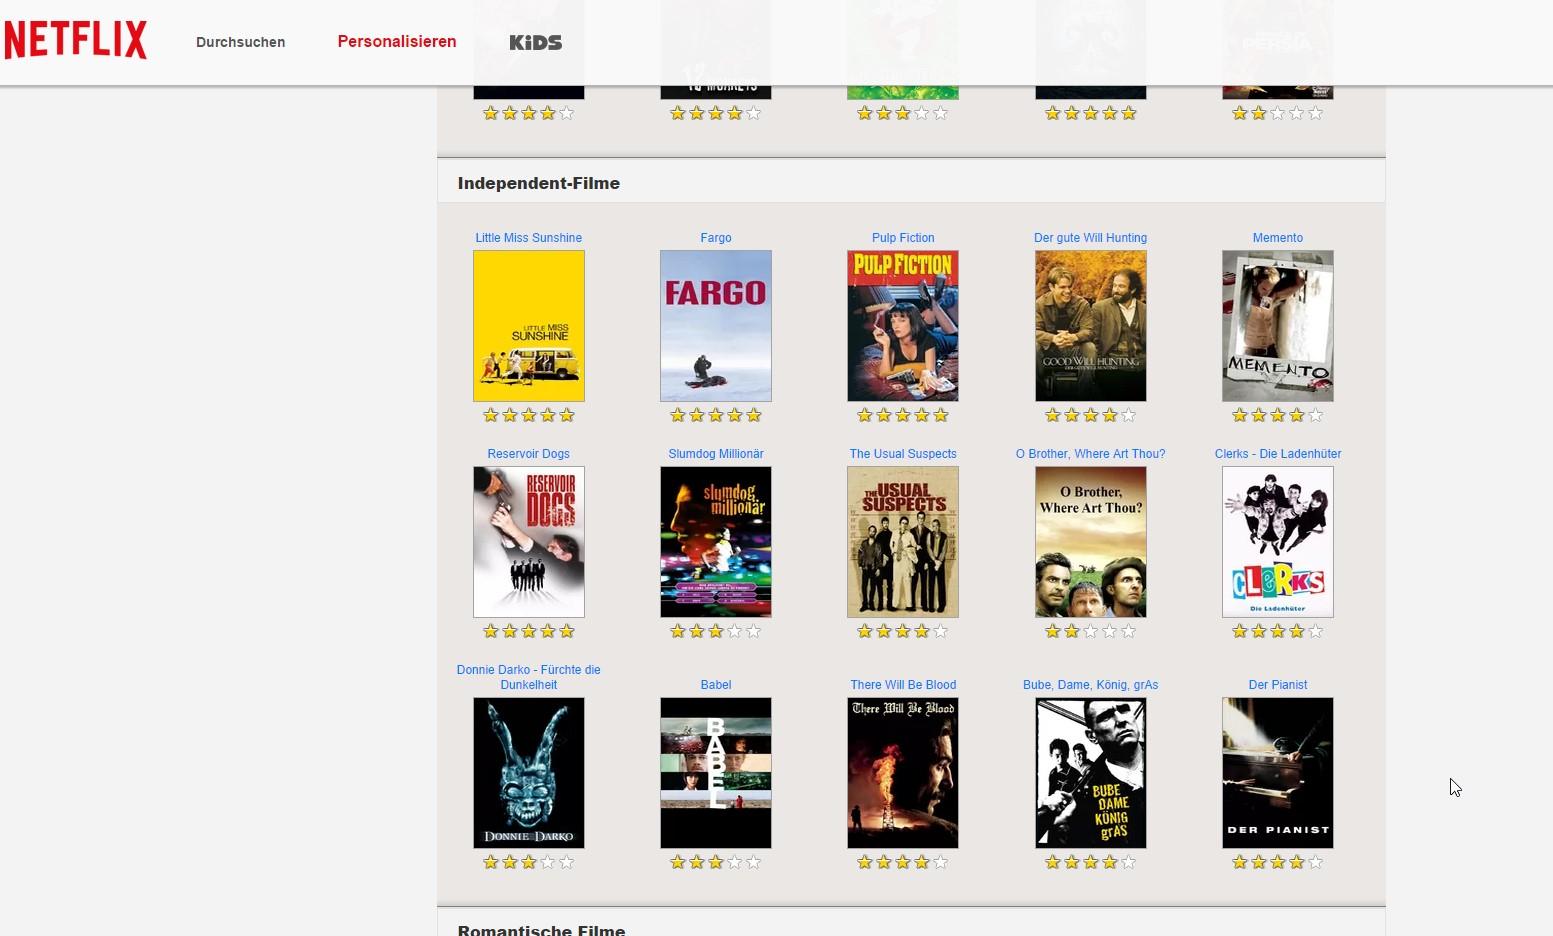 Auf Wunsch könnt Ihr mit Film- und Serienbewertungen das Angebot personalisieren